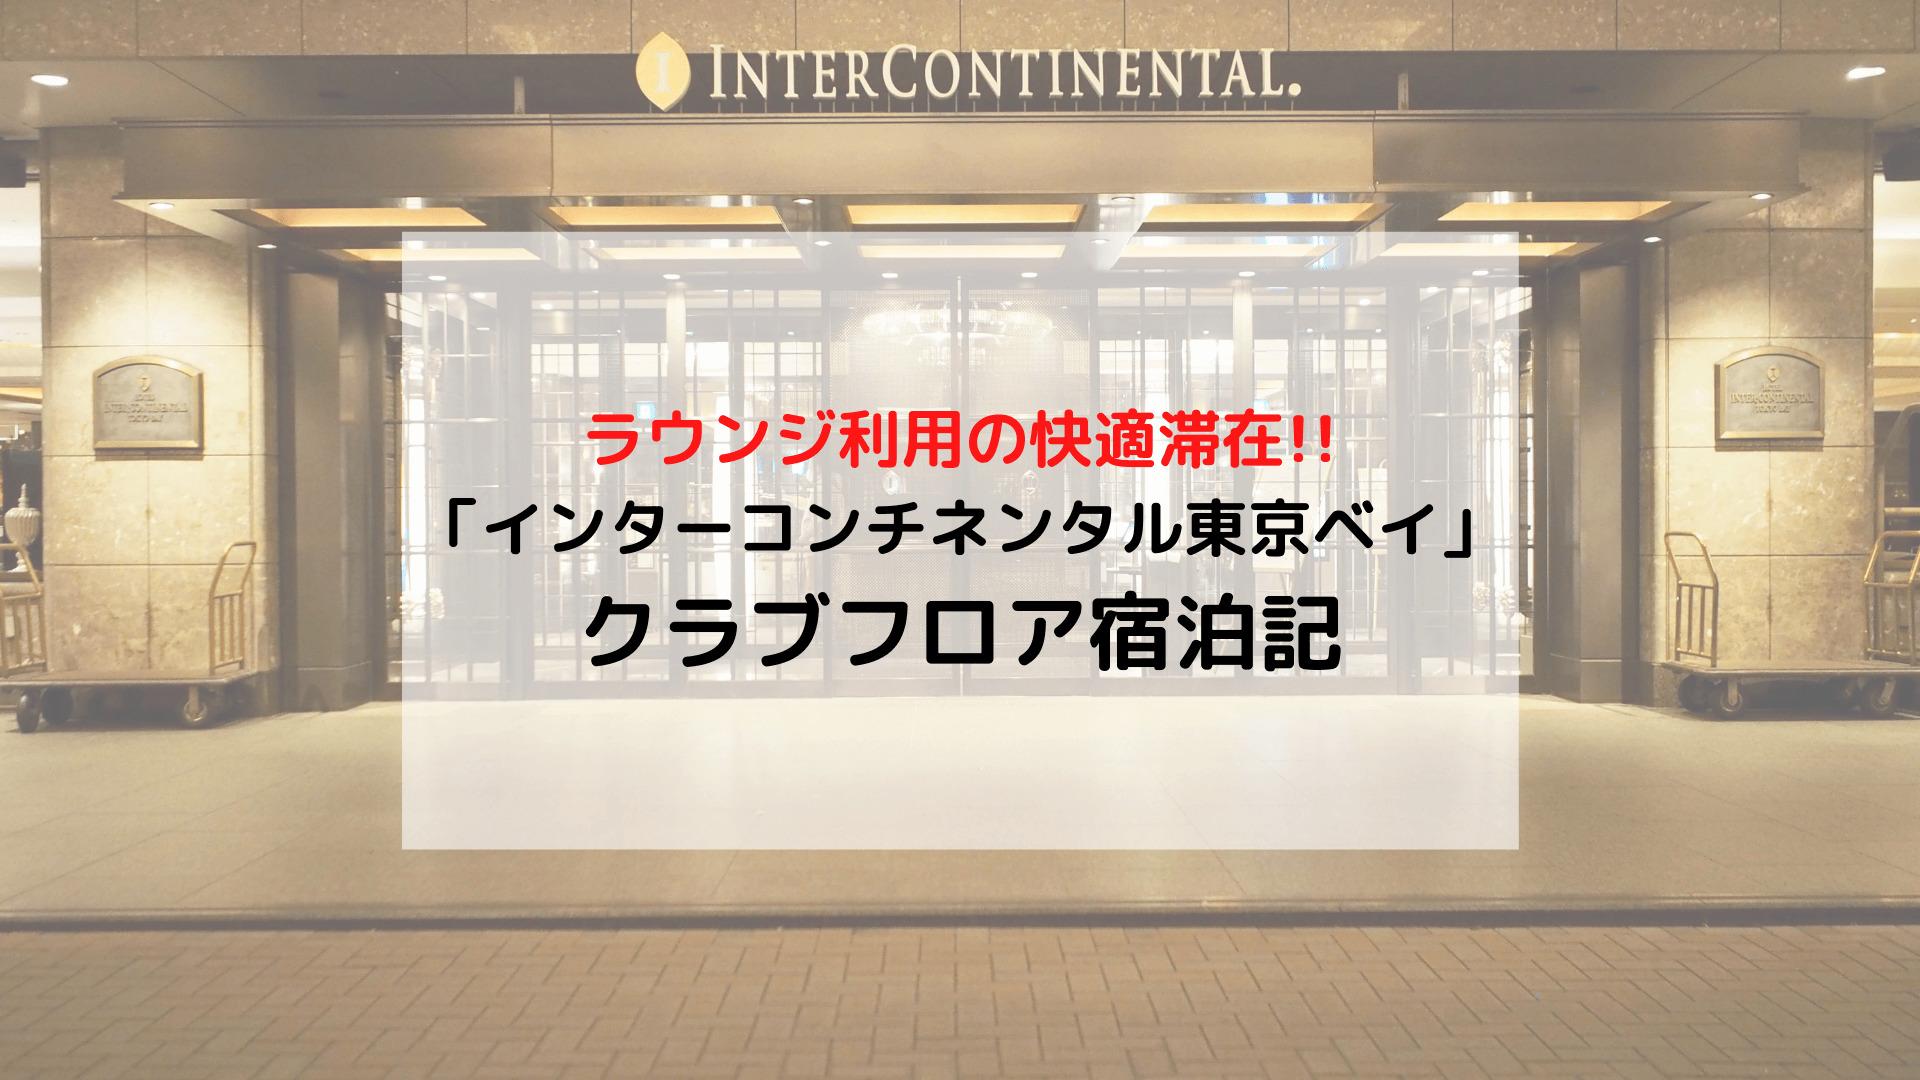 インターコンチネンタル東京ベイ クラブフロア宿泊記